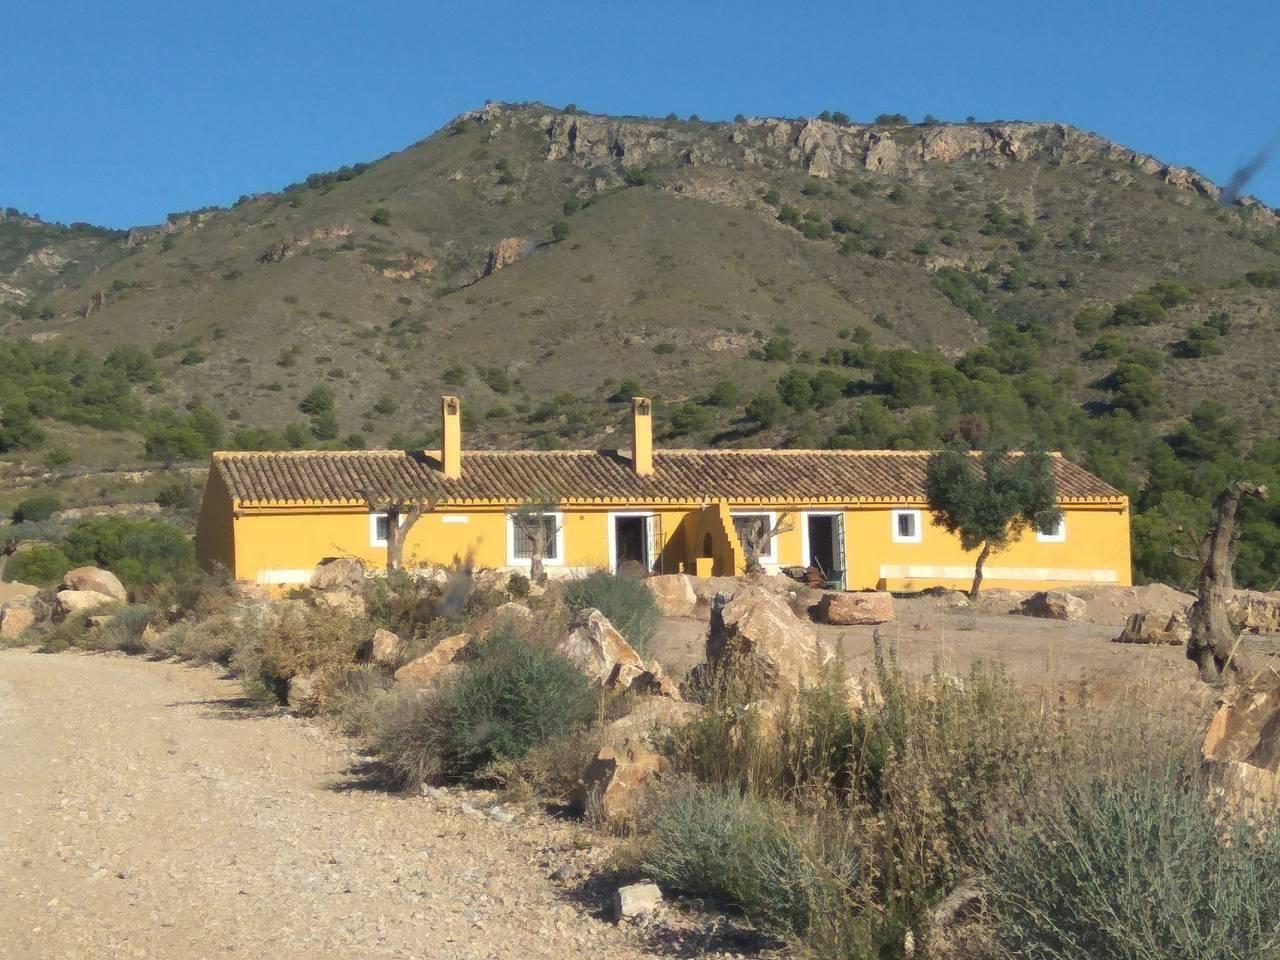 Alquiler vacaciones en Murcia, Murcia